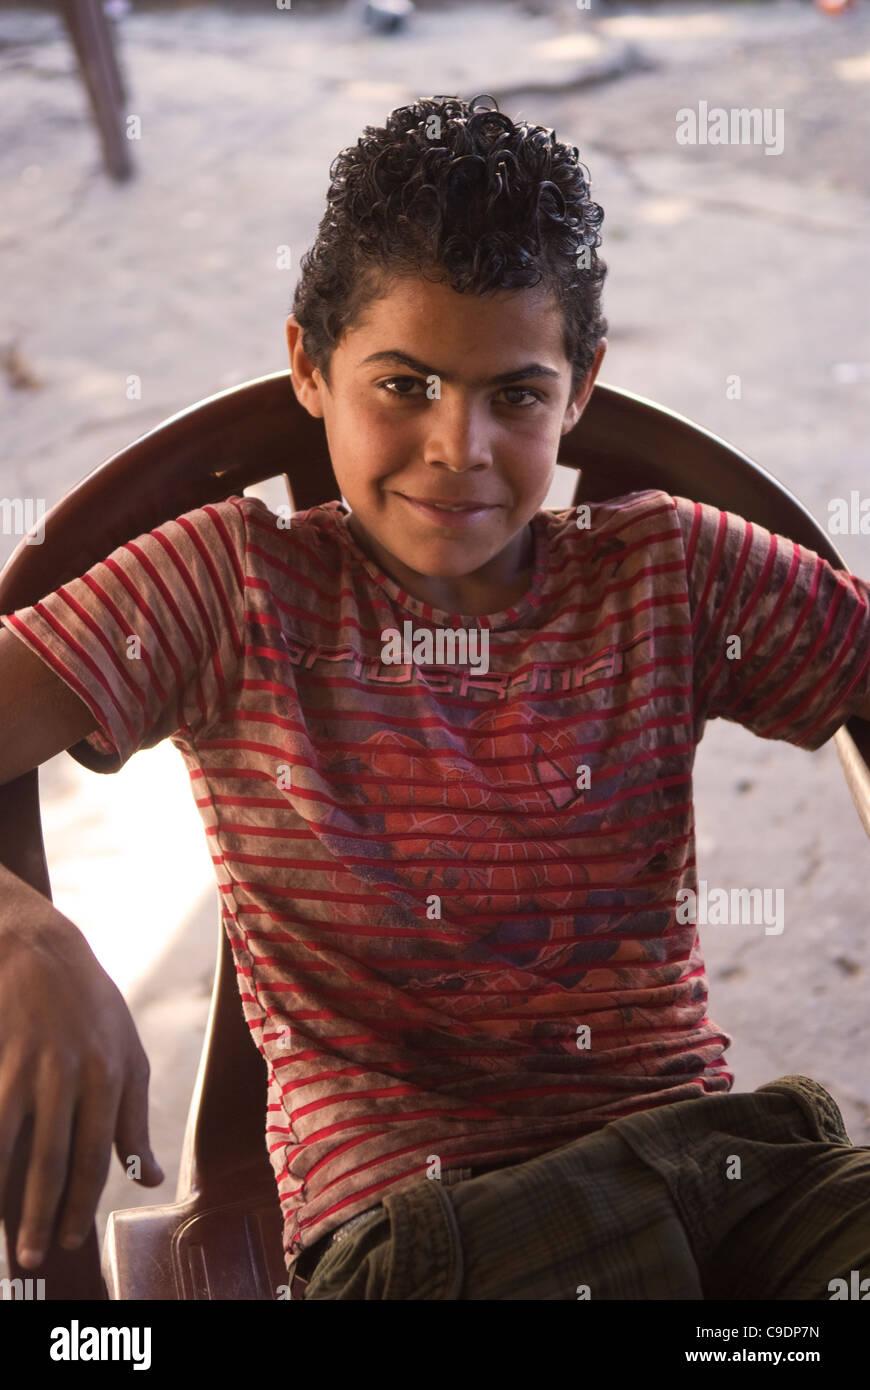 un jeune gar u00e7on arabe se trouve pos u00e9 pour sa photo dans le sud de la ville portuaire de tyr  au